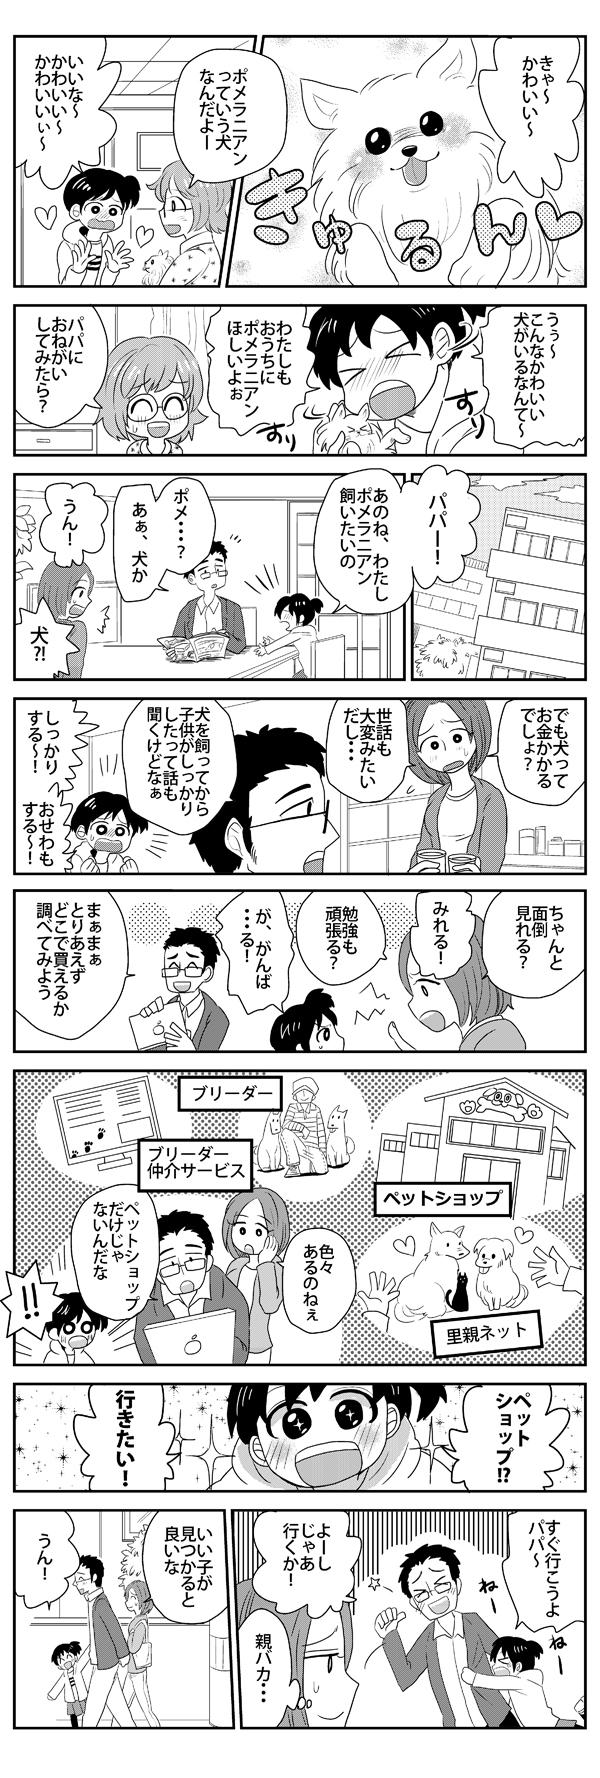 ポメラニアン漫画①